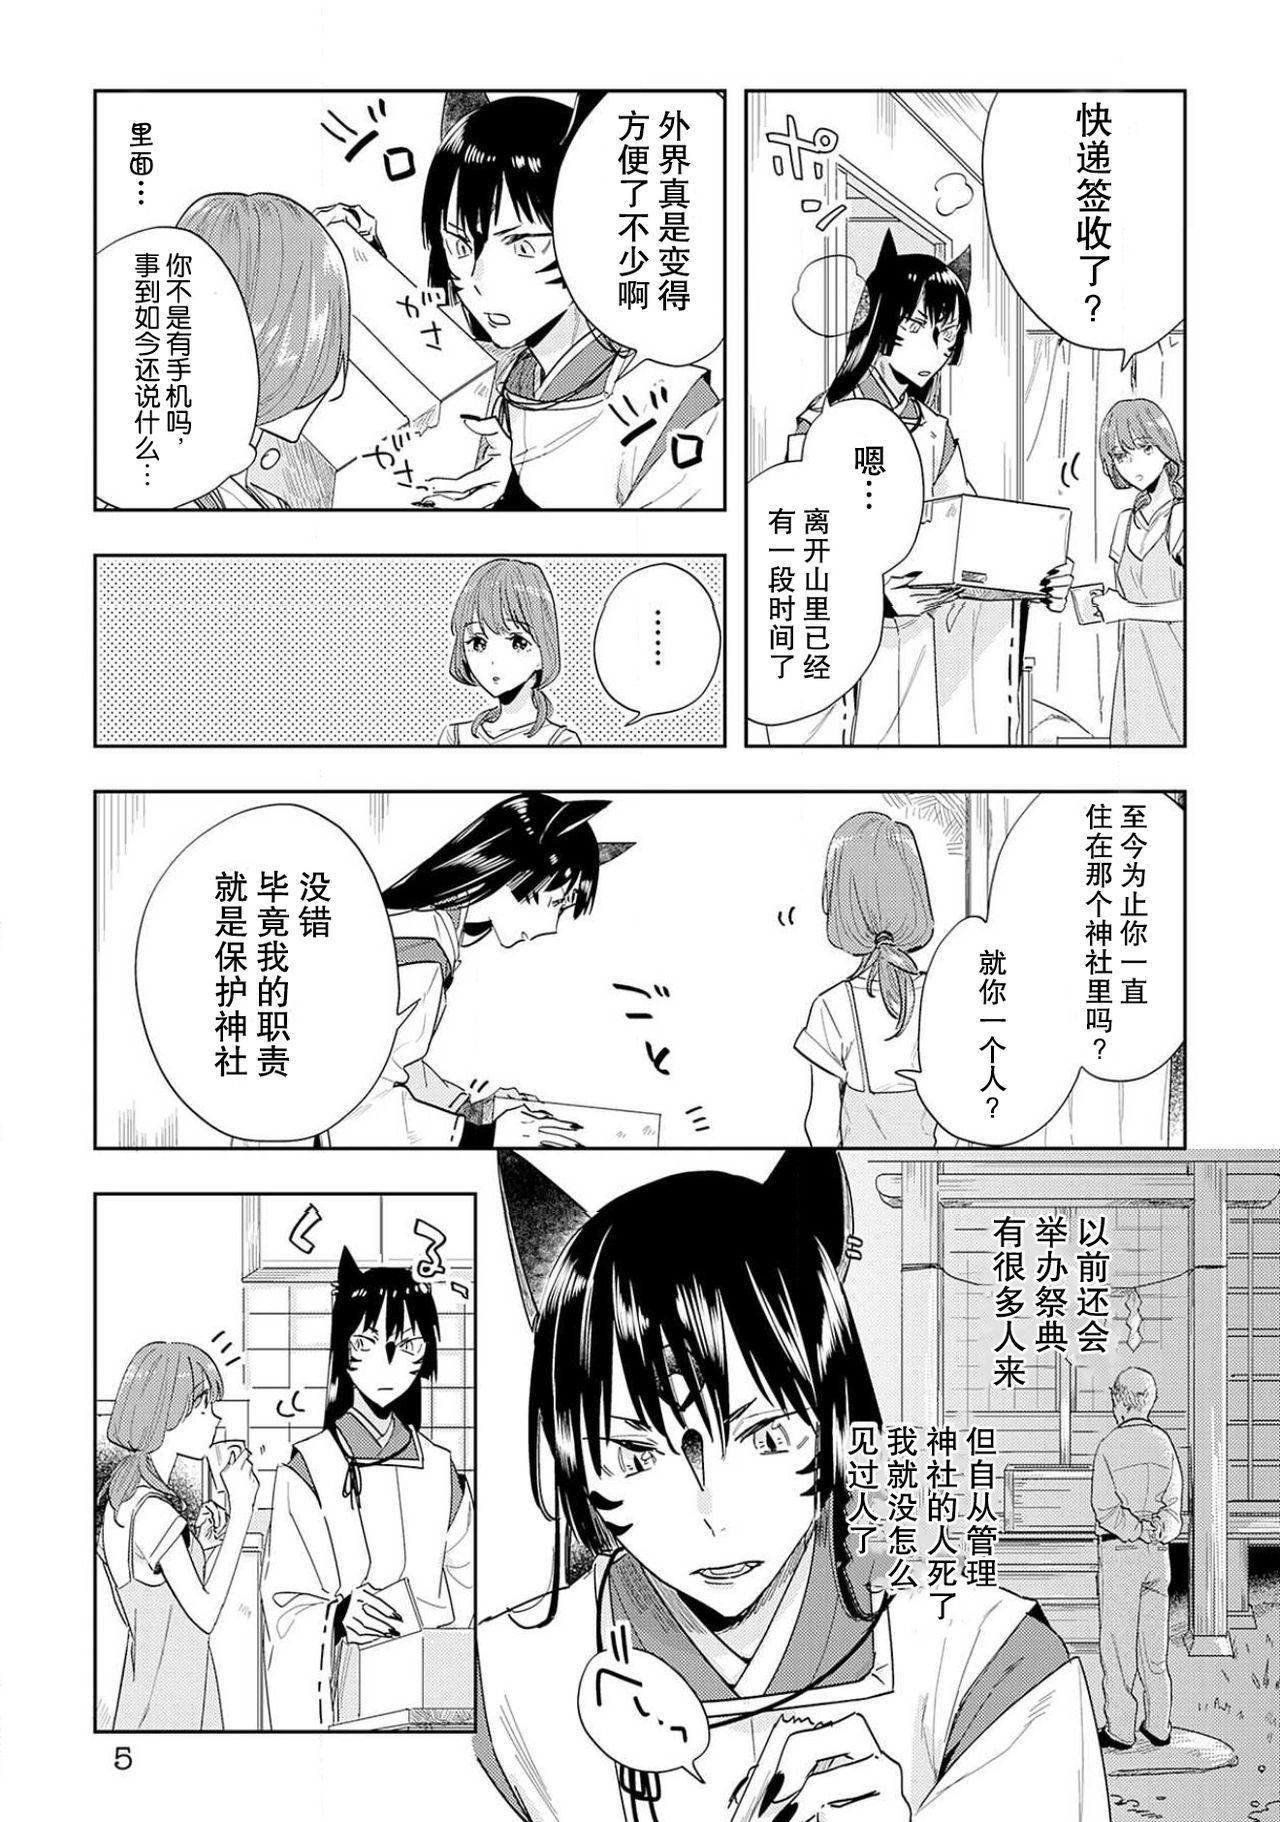 [Hachikawa Kyuu] Kami-sama to Ikenie H Keiyaku Shichaimashita | 我与神明大人签订了祭品H契约 1-3 [Chinese] [莉赛特汉化组] 59